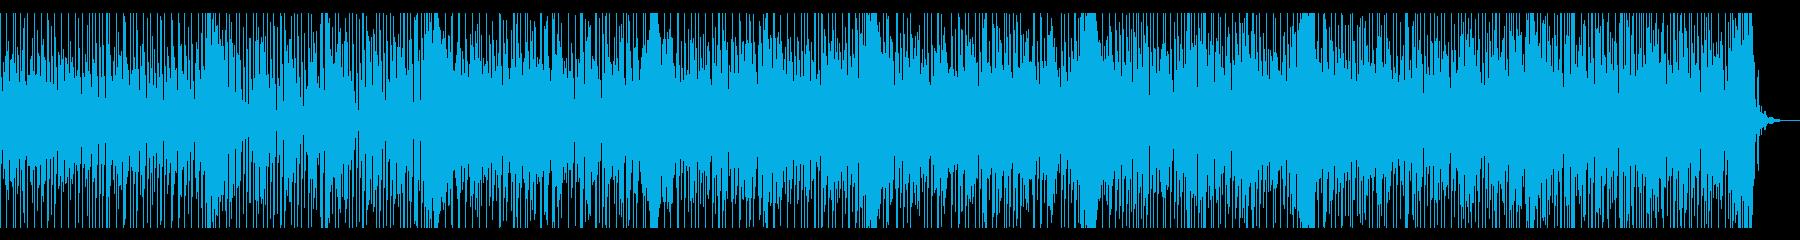 切ないメロディとノリノリのリズムの再生済みの波形